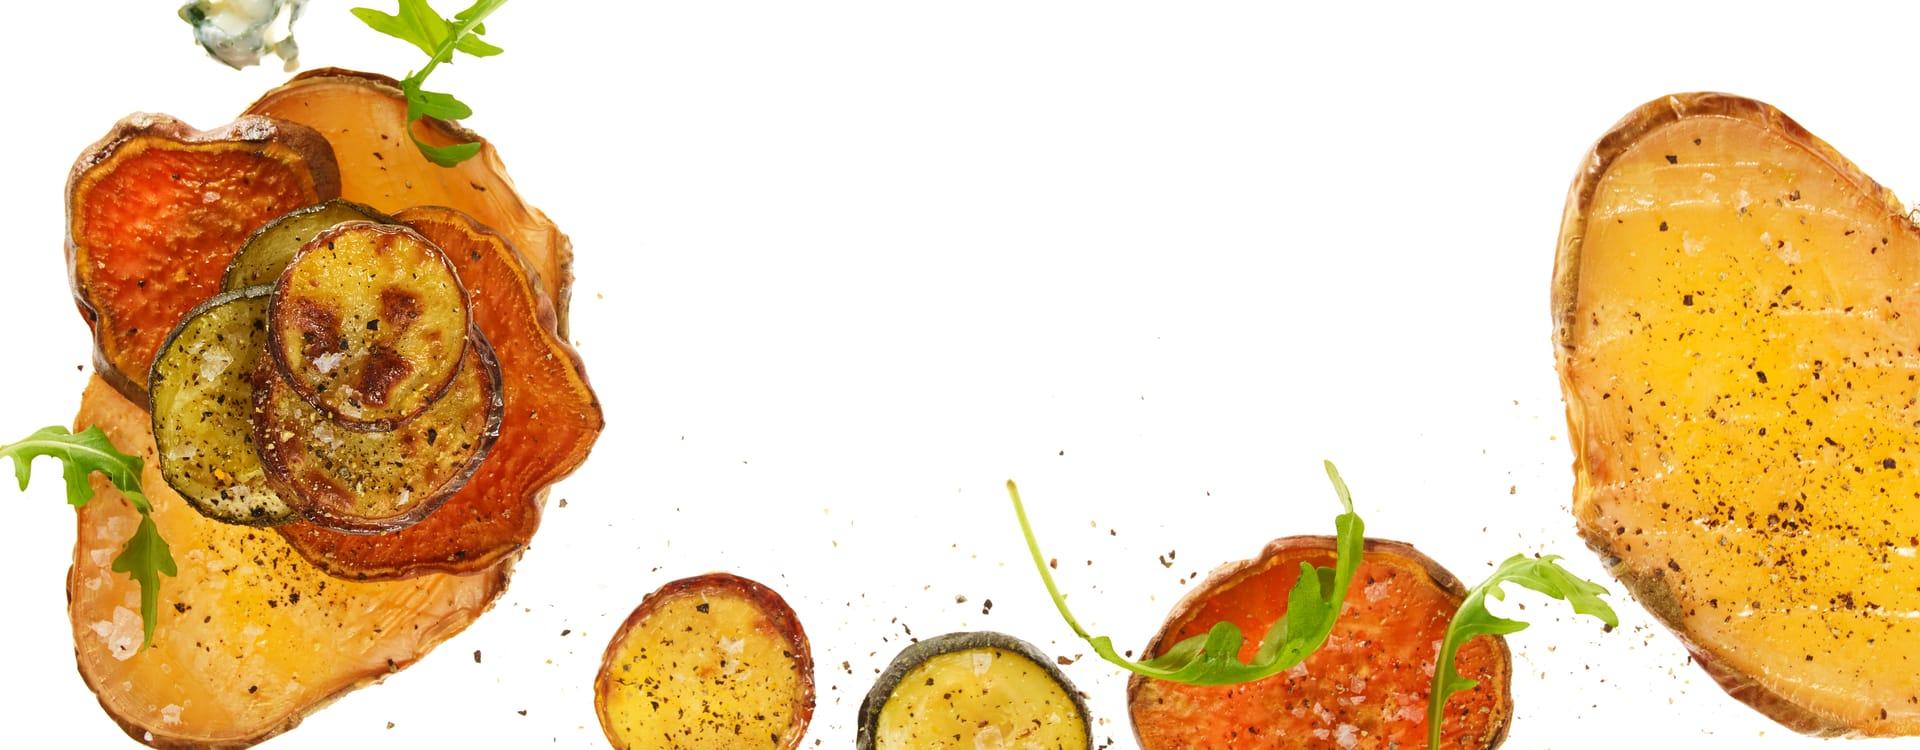 Ovnsbakte grønnsakstårn med rucculakrem